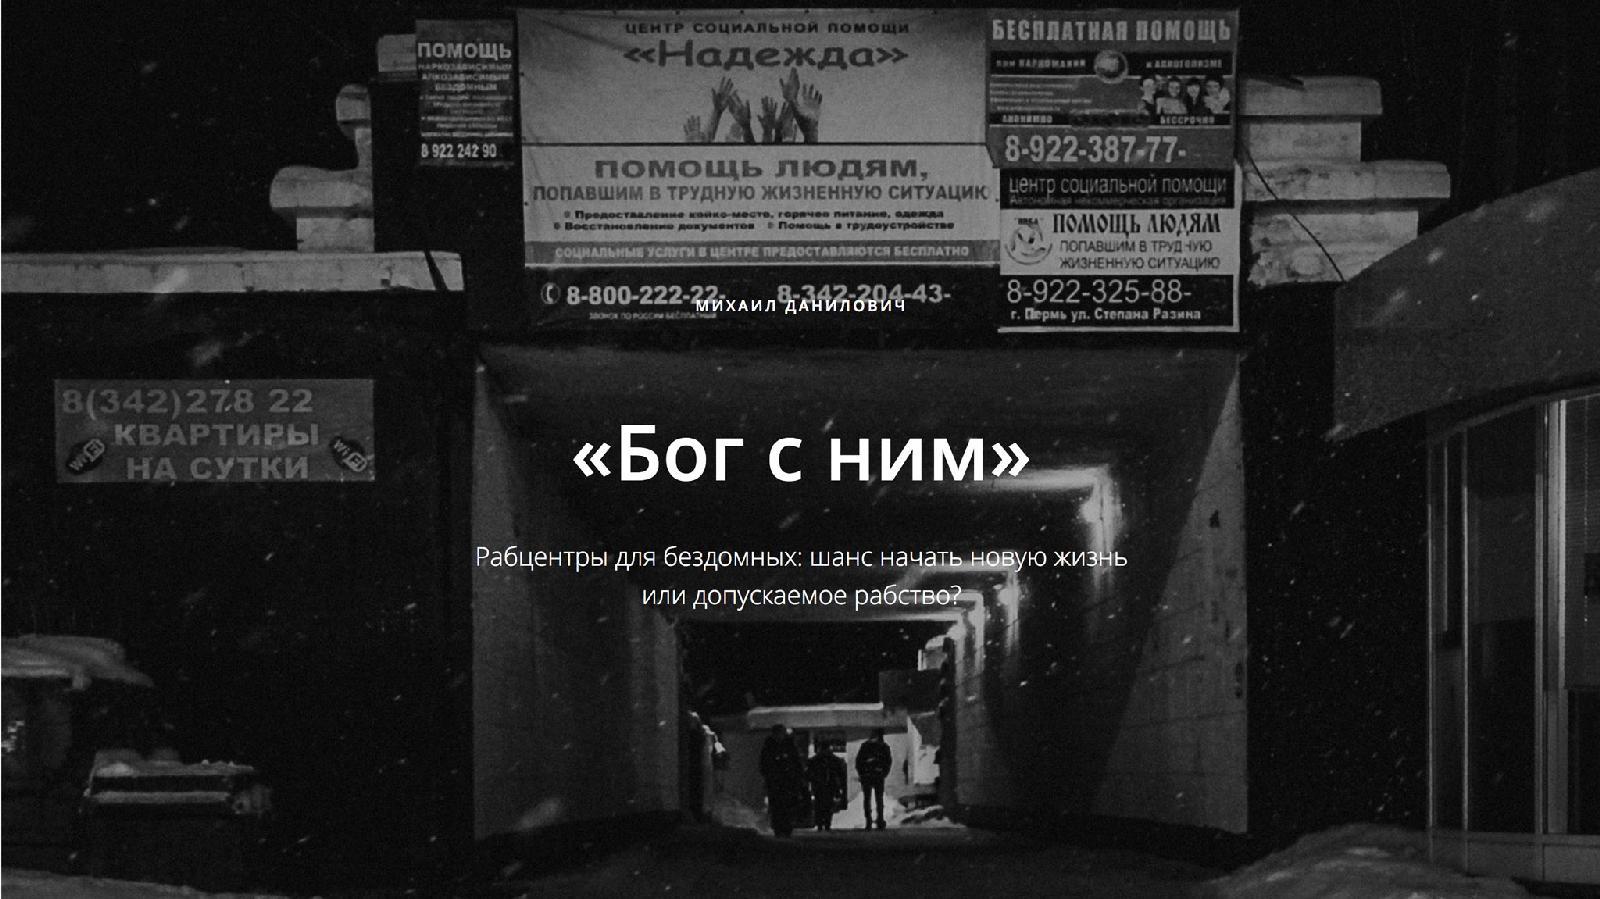 «Четвертый сектор». Михаил Данилович написал просоцгостиницы длябездомных, где люди работают заеду